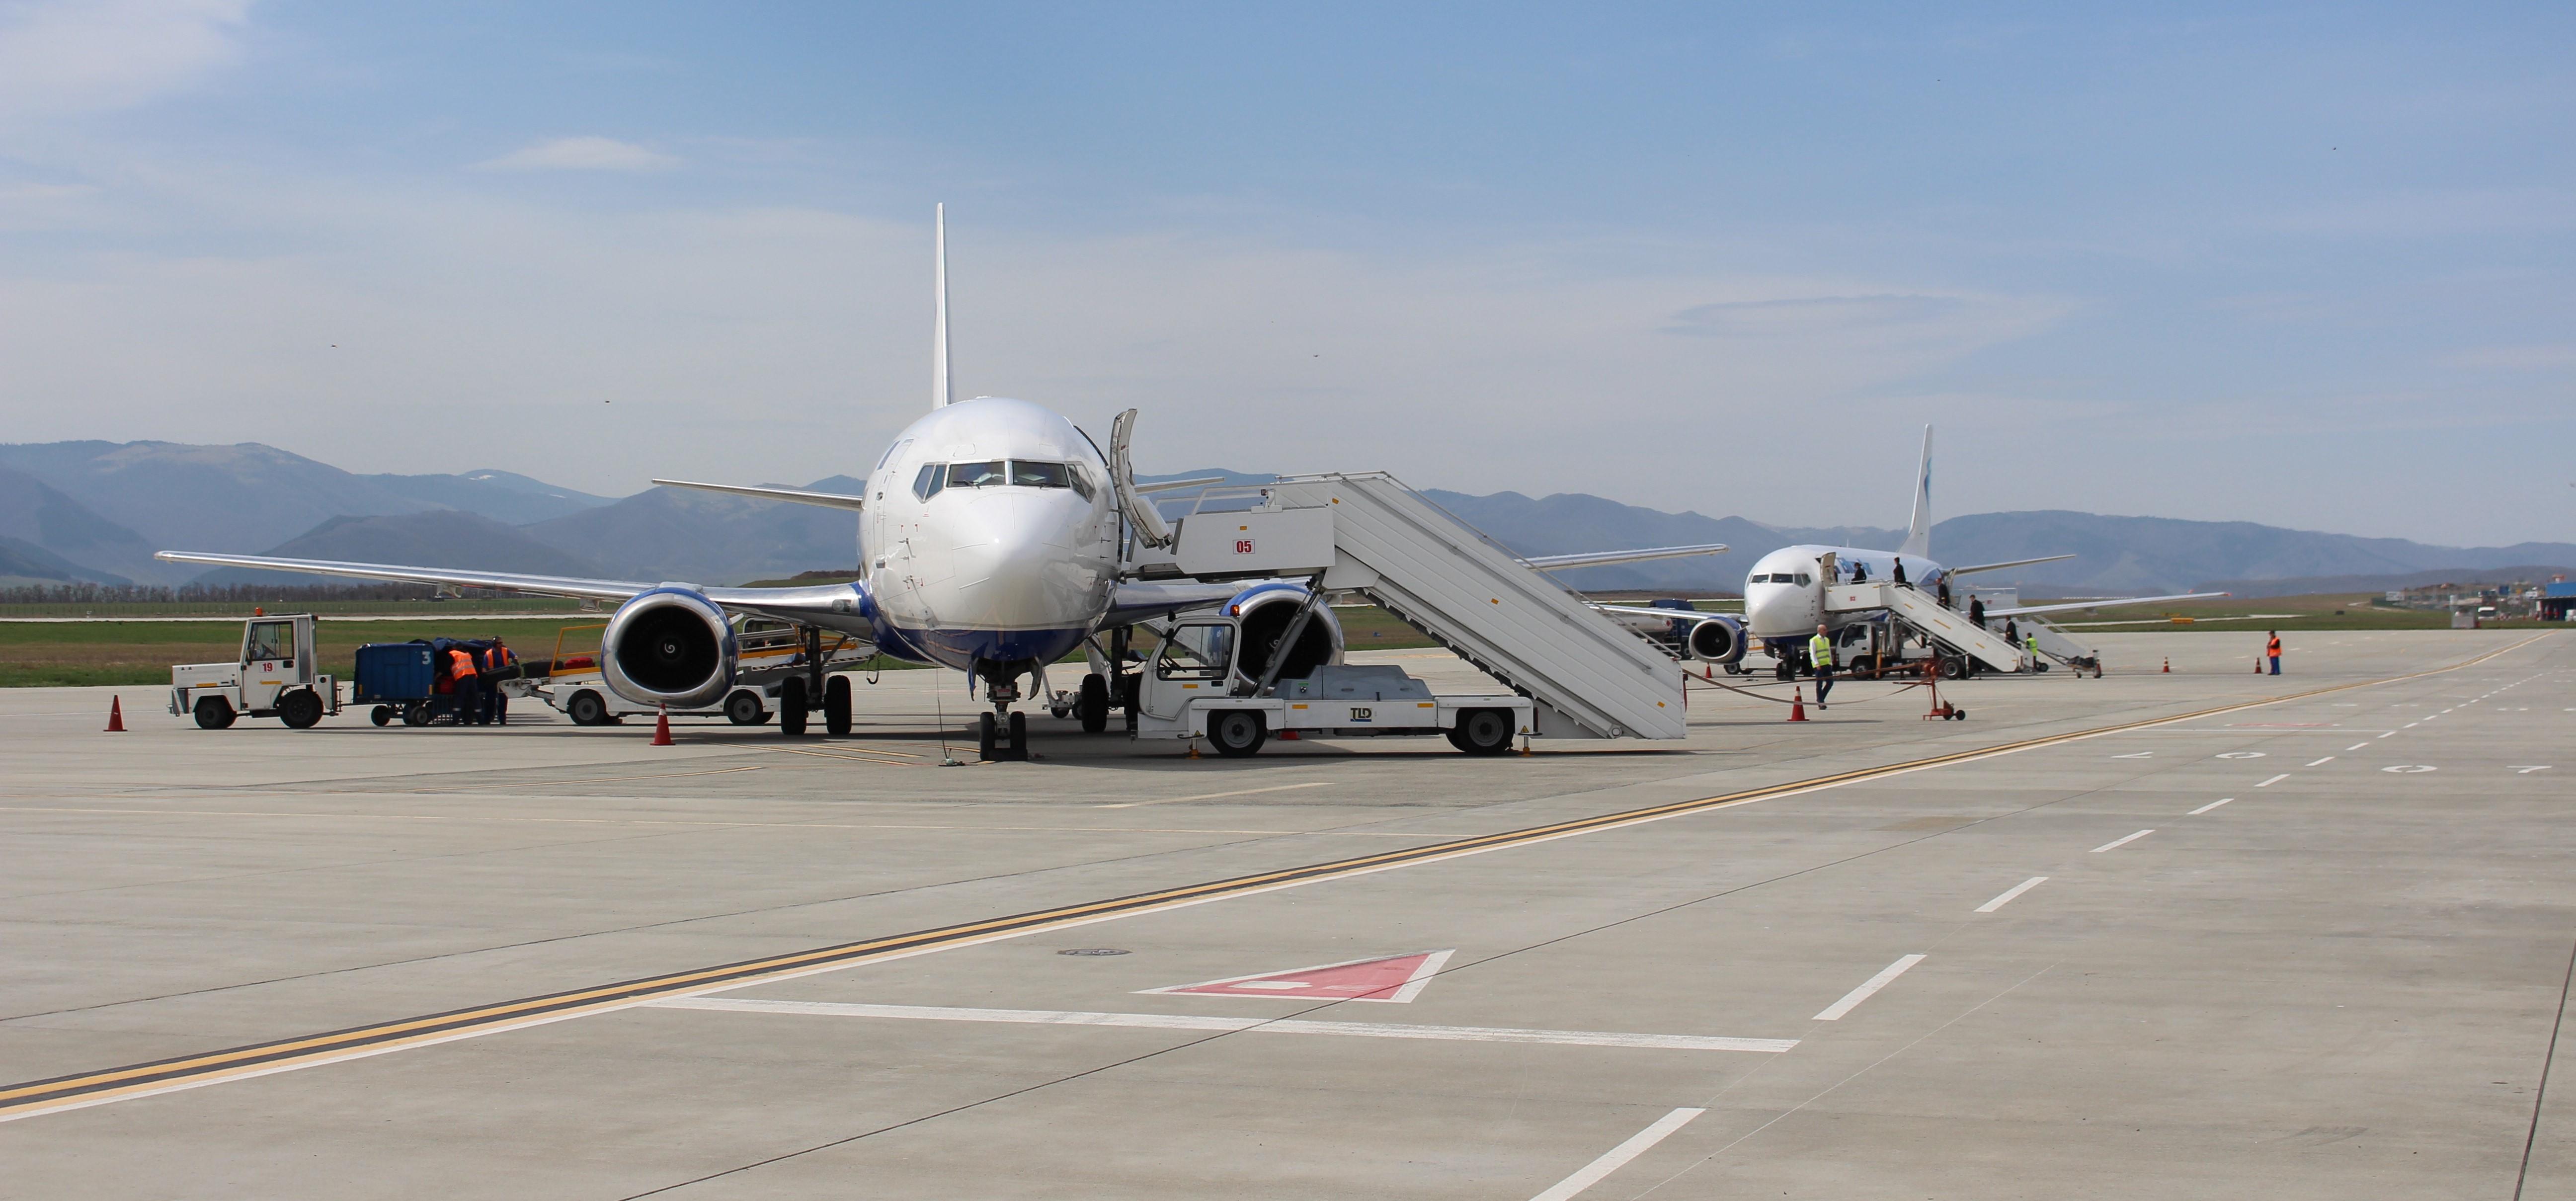 Aeroportul Internațional Sibiu. Zboruri directe din Sibiu | 5184 x 2417 jpeg 1370kB